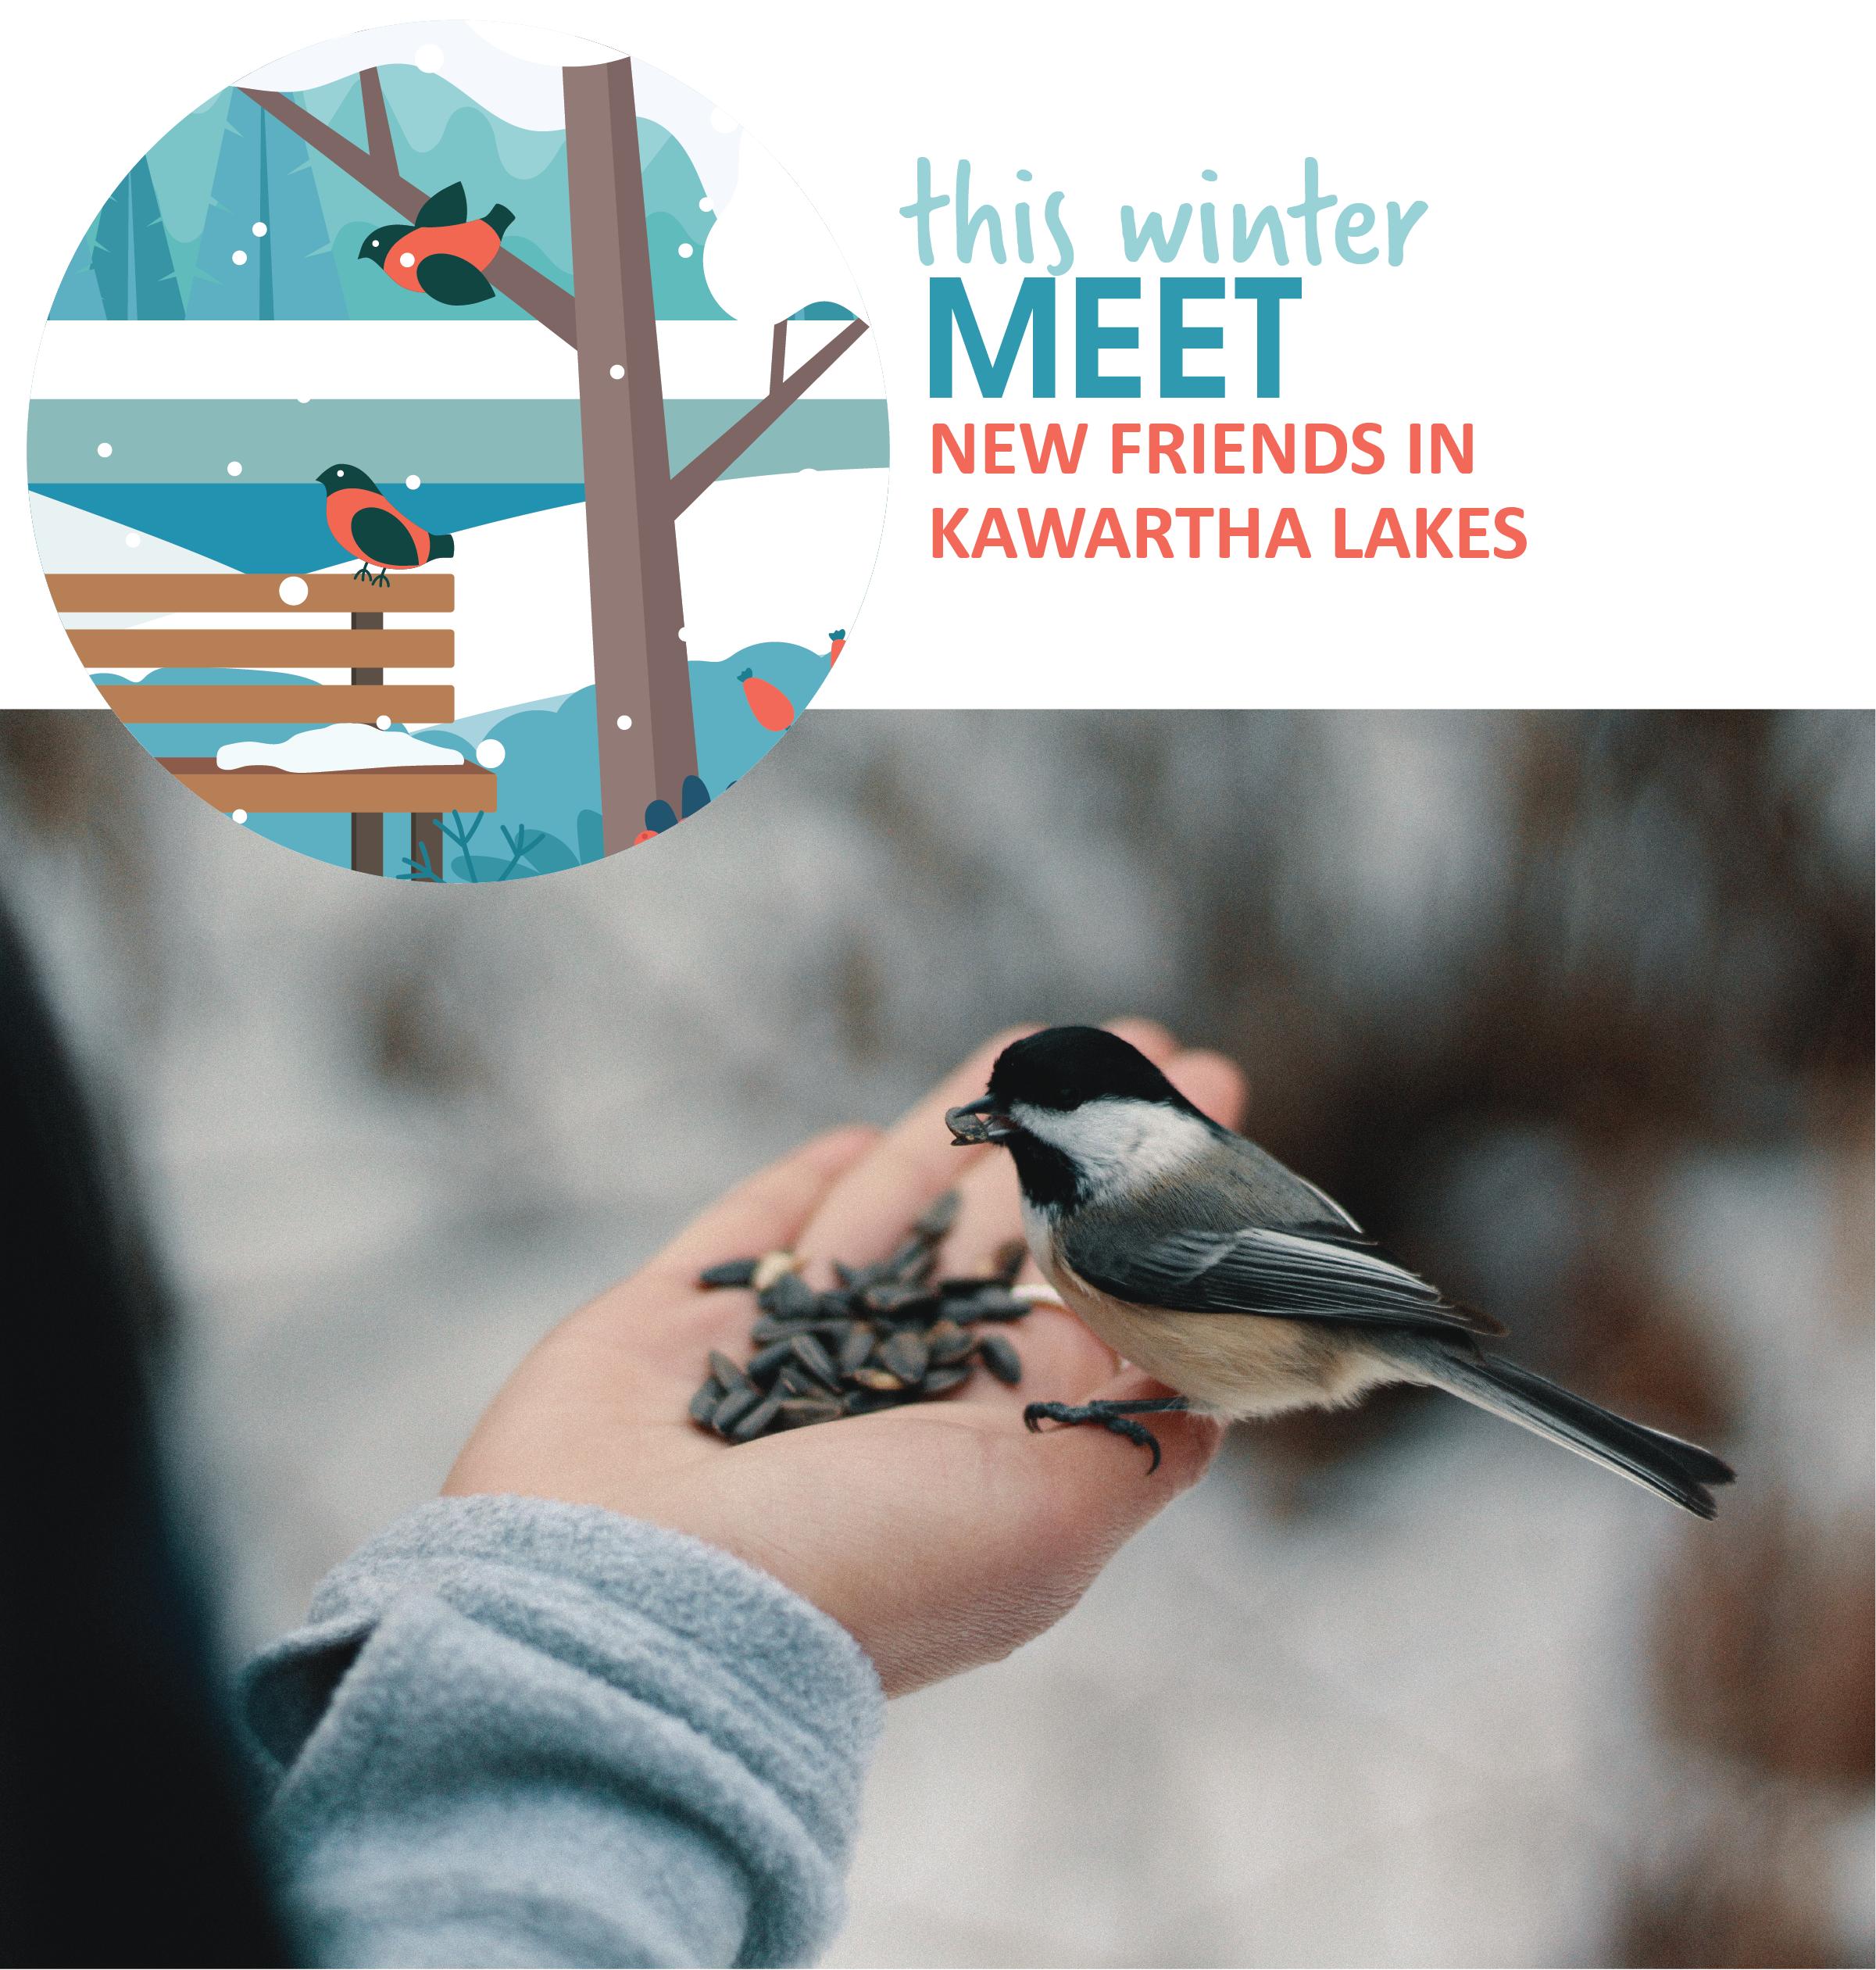 Meet new friends through Kawartha Lakes